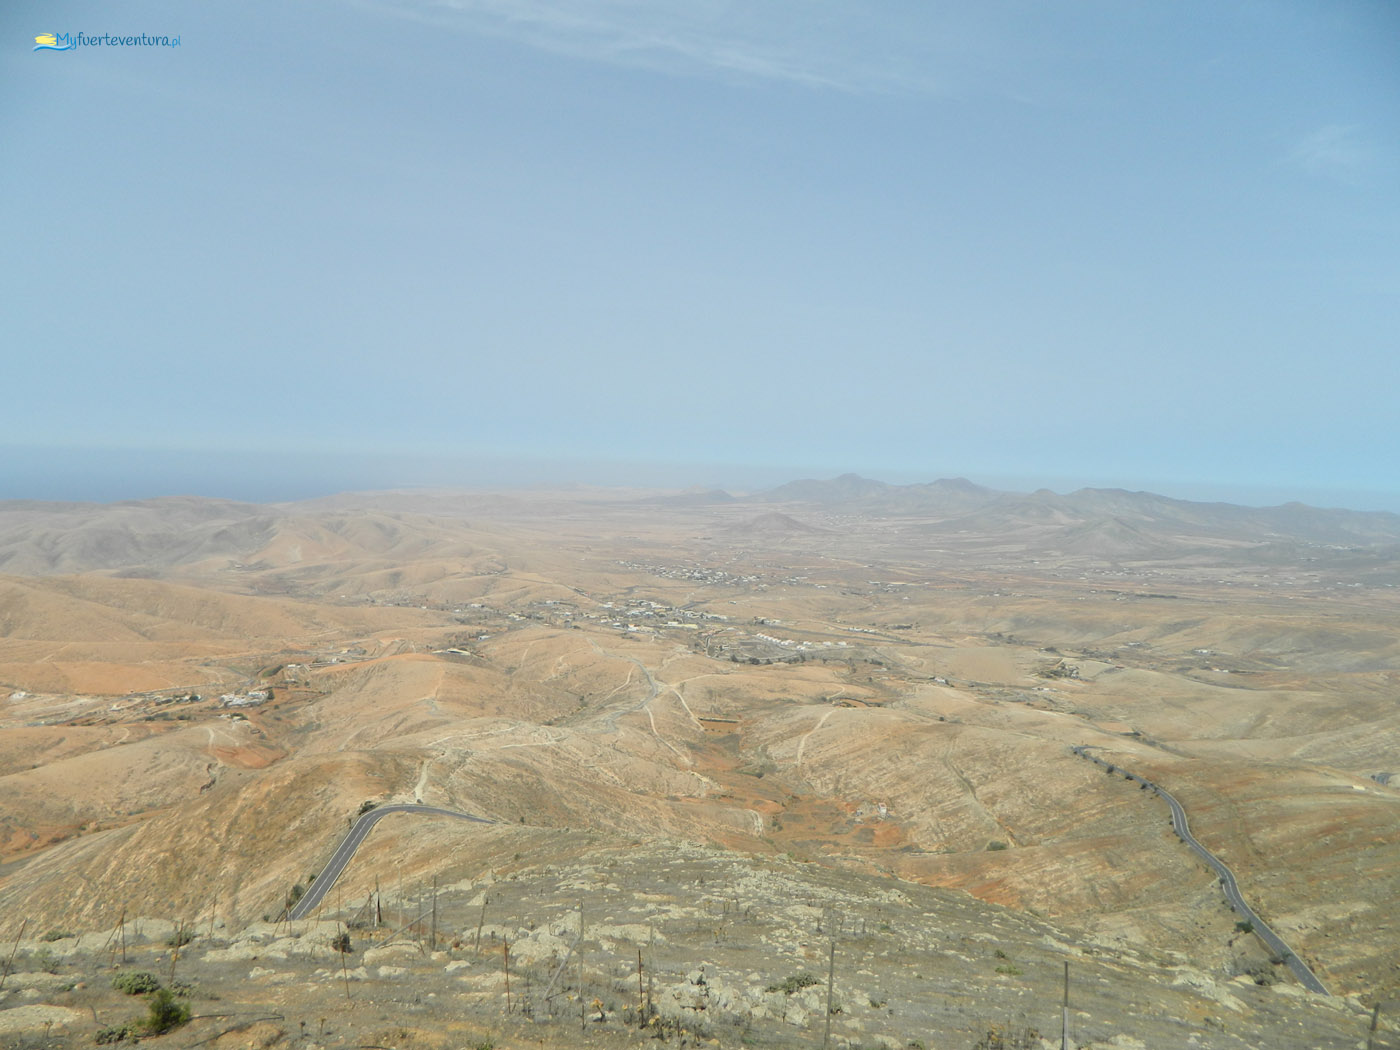 Mirador Morro Velosa Fuerteventura